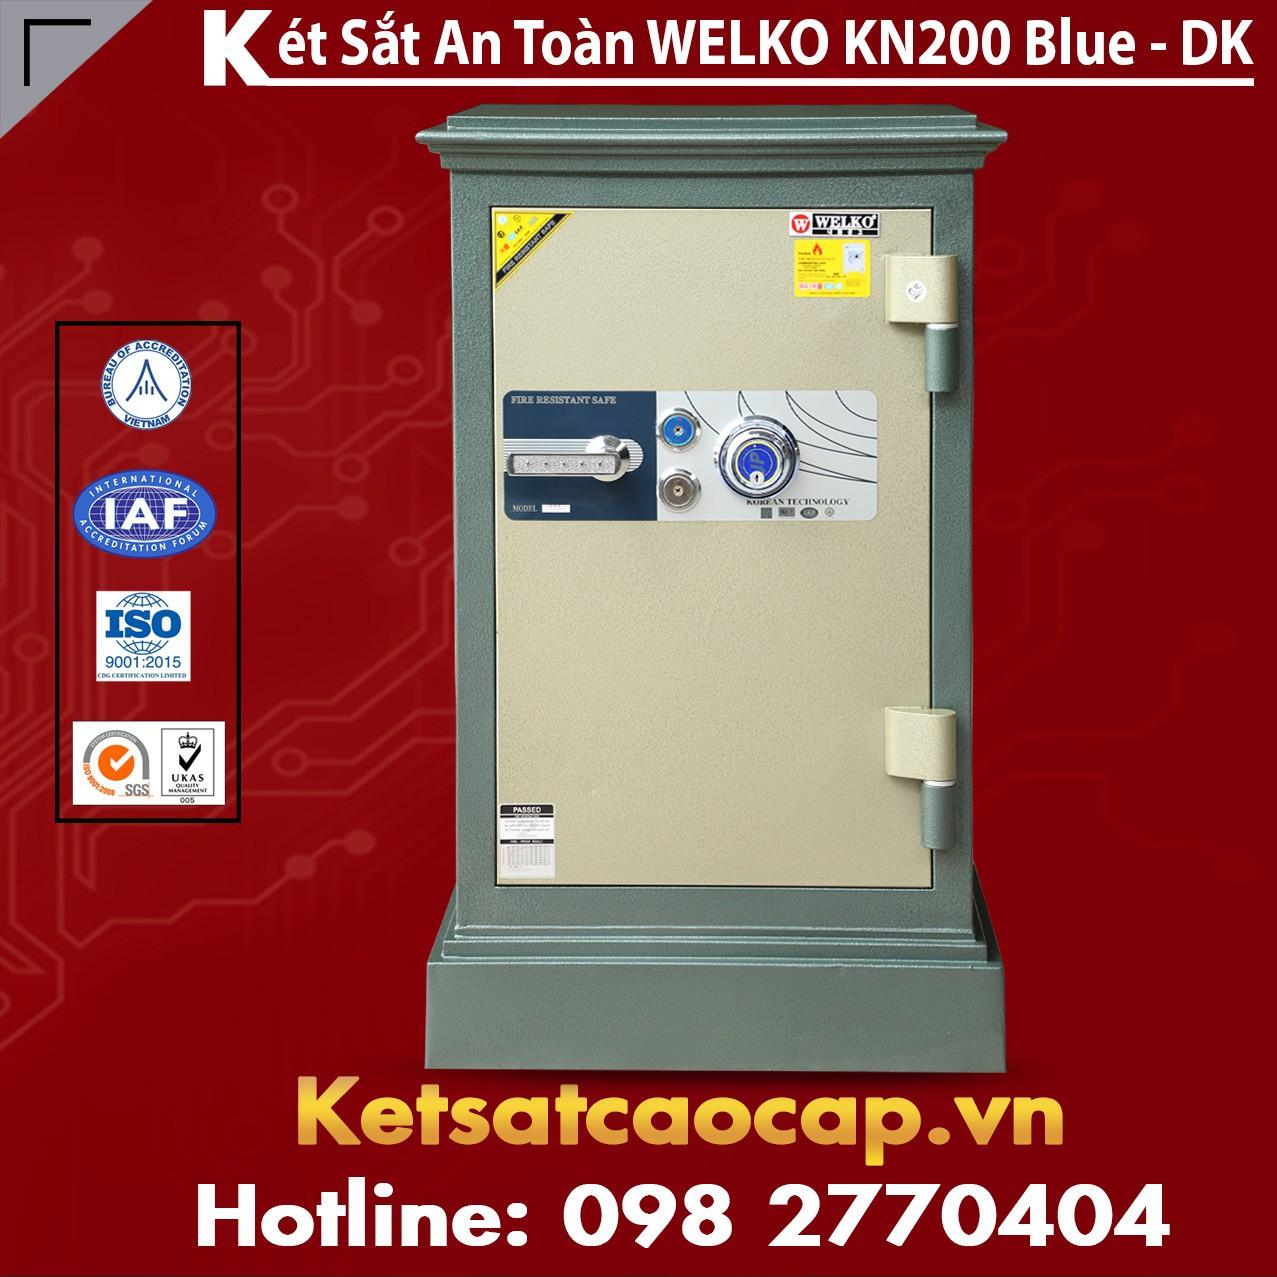 Két Sắt Thanh Hóa WELKO KN200 BLUE - DK